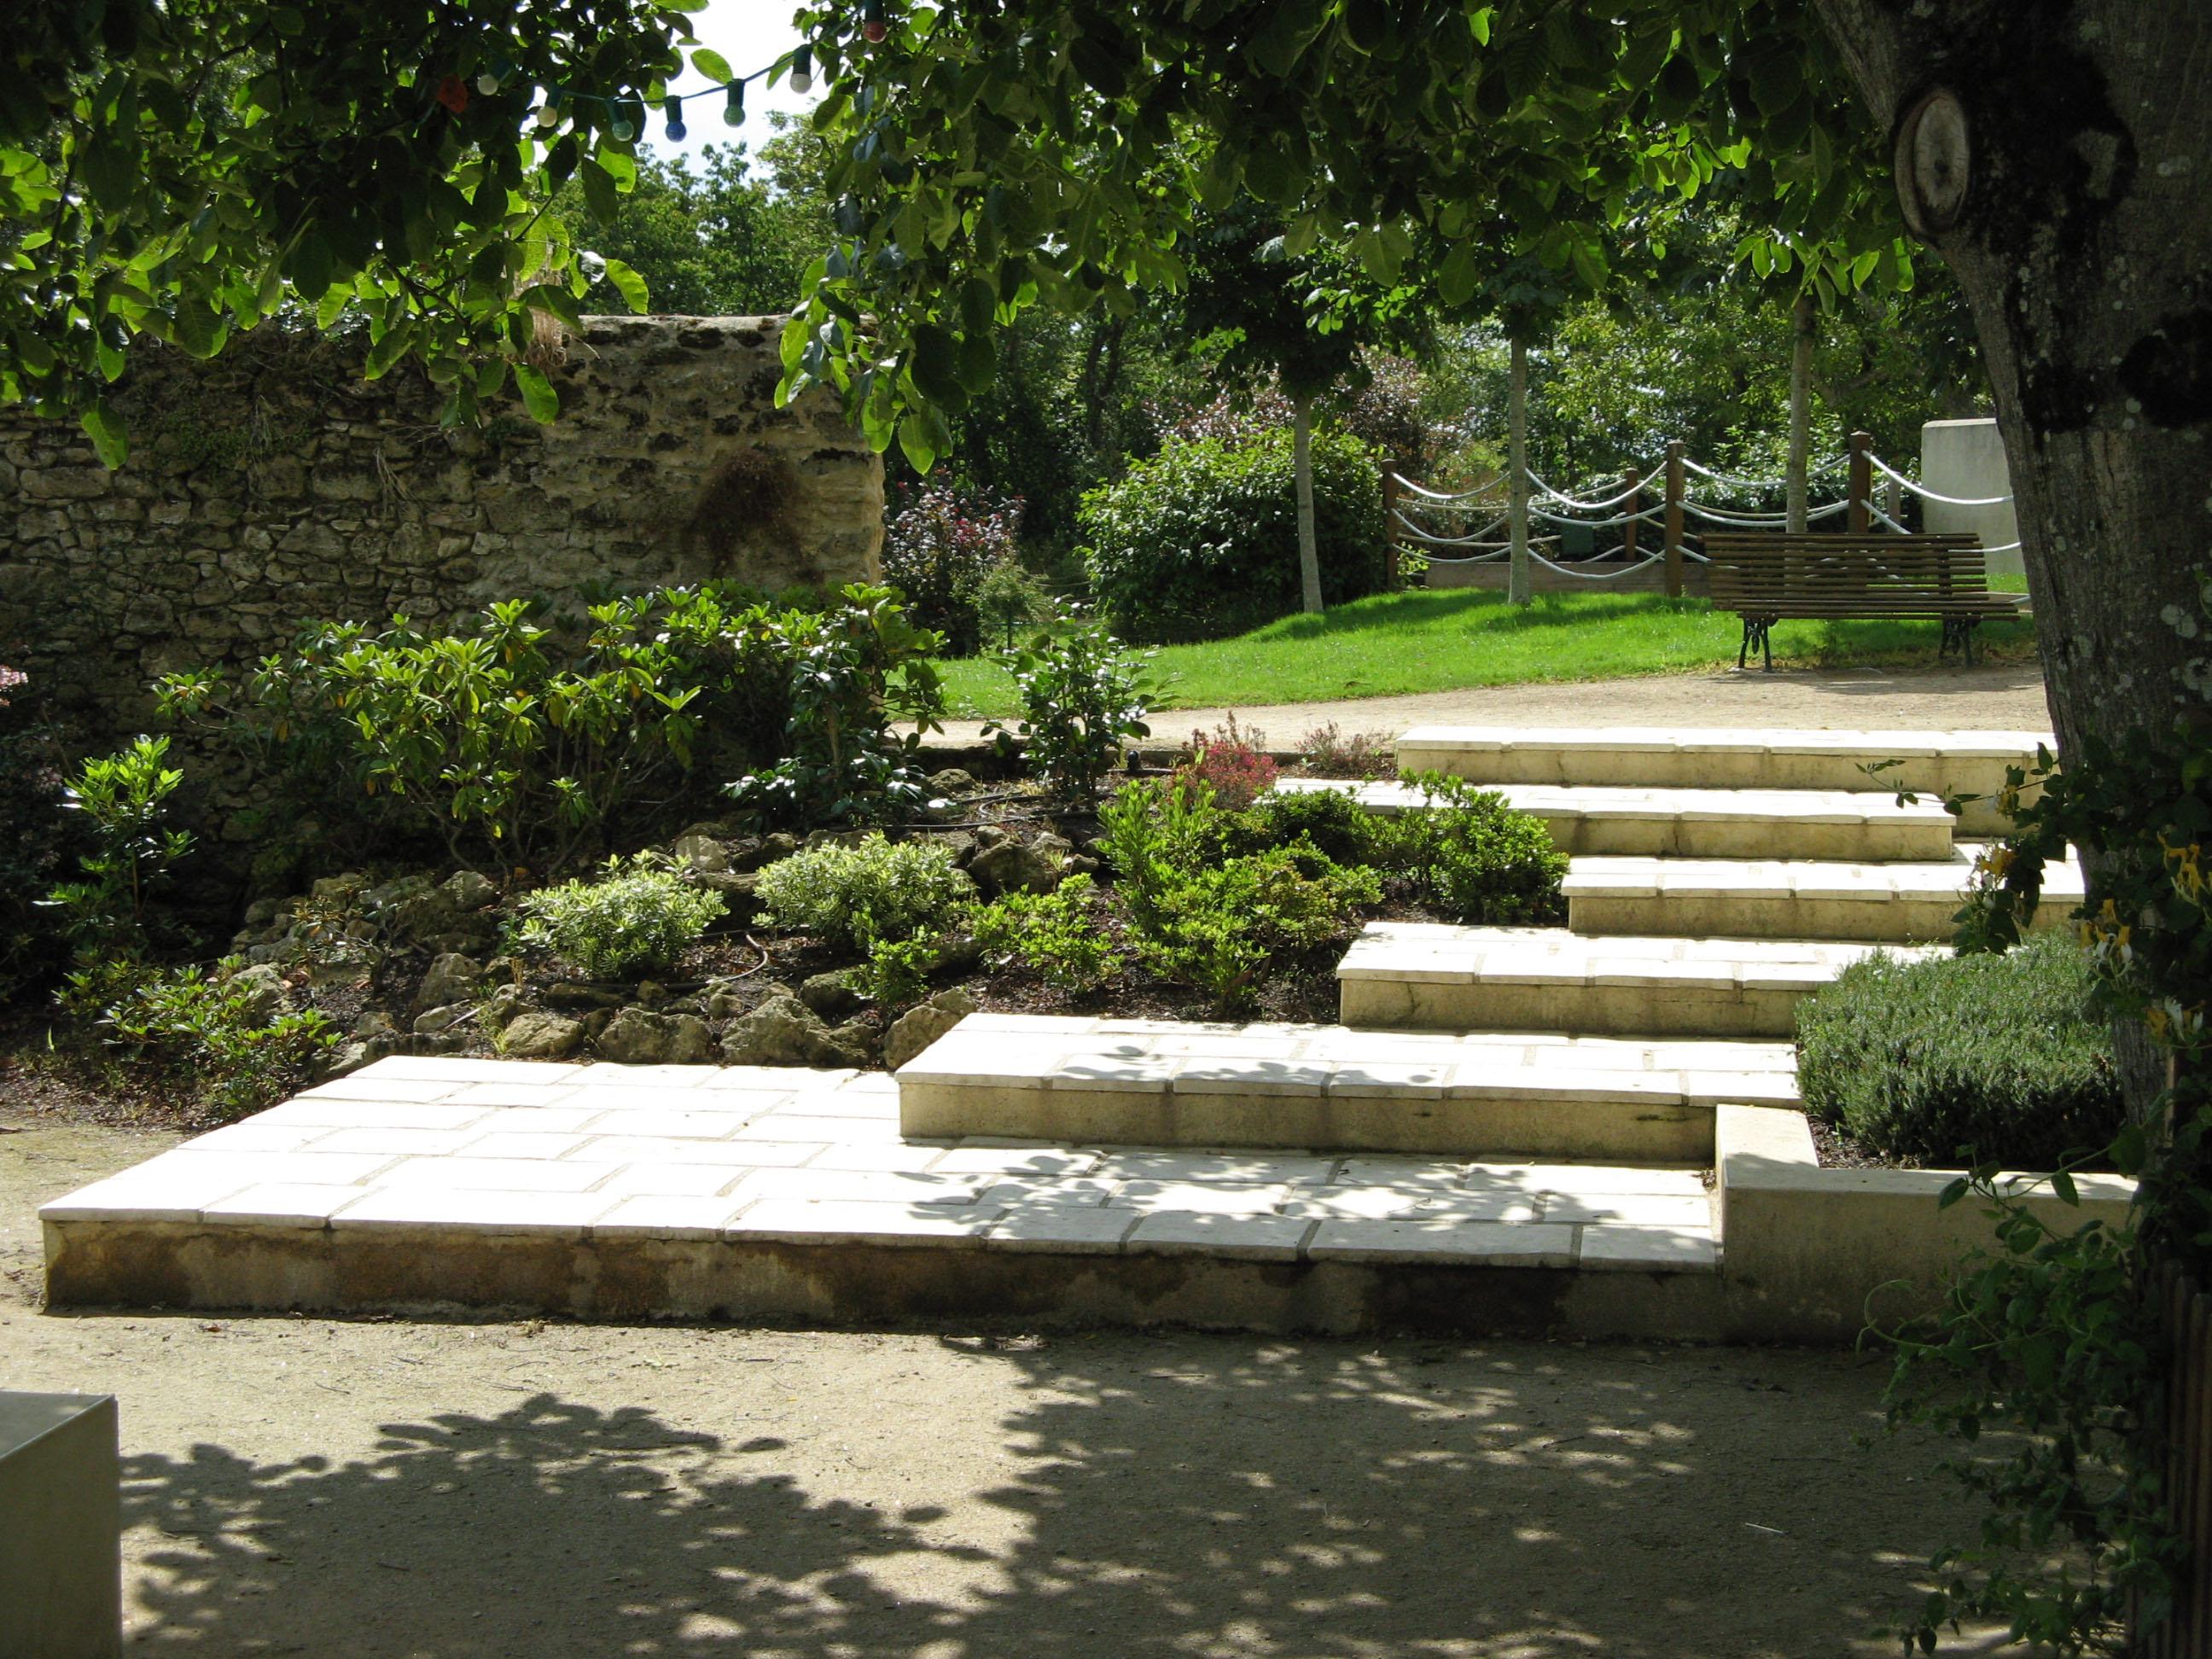 Pro paysage pro paysage conception am nagement for Conception de jardin dans le paysage